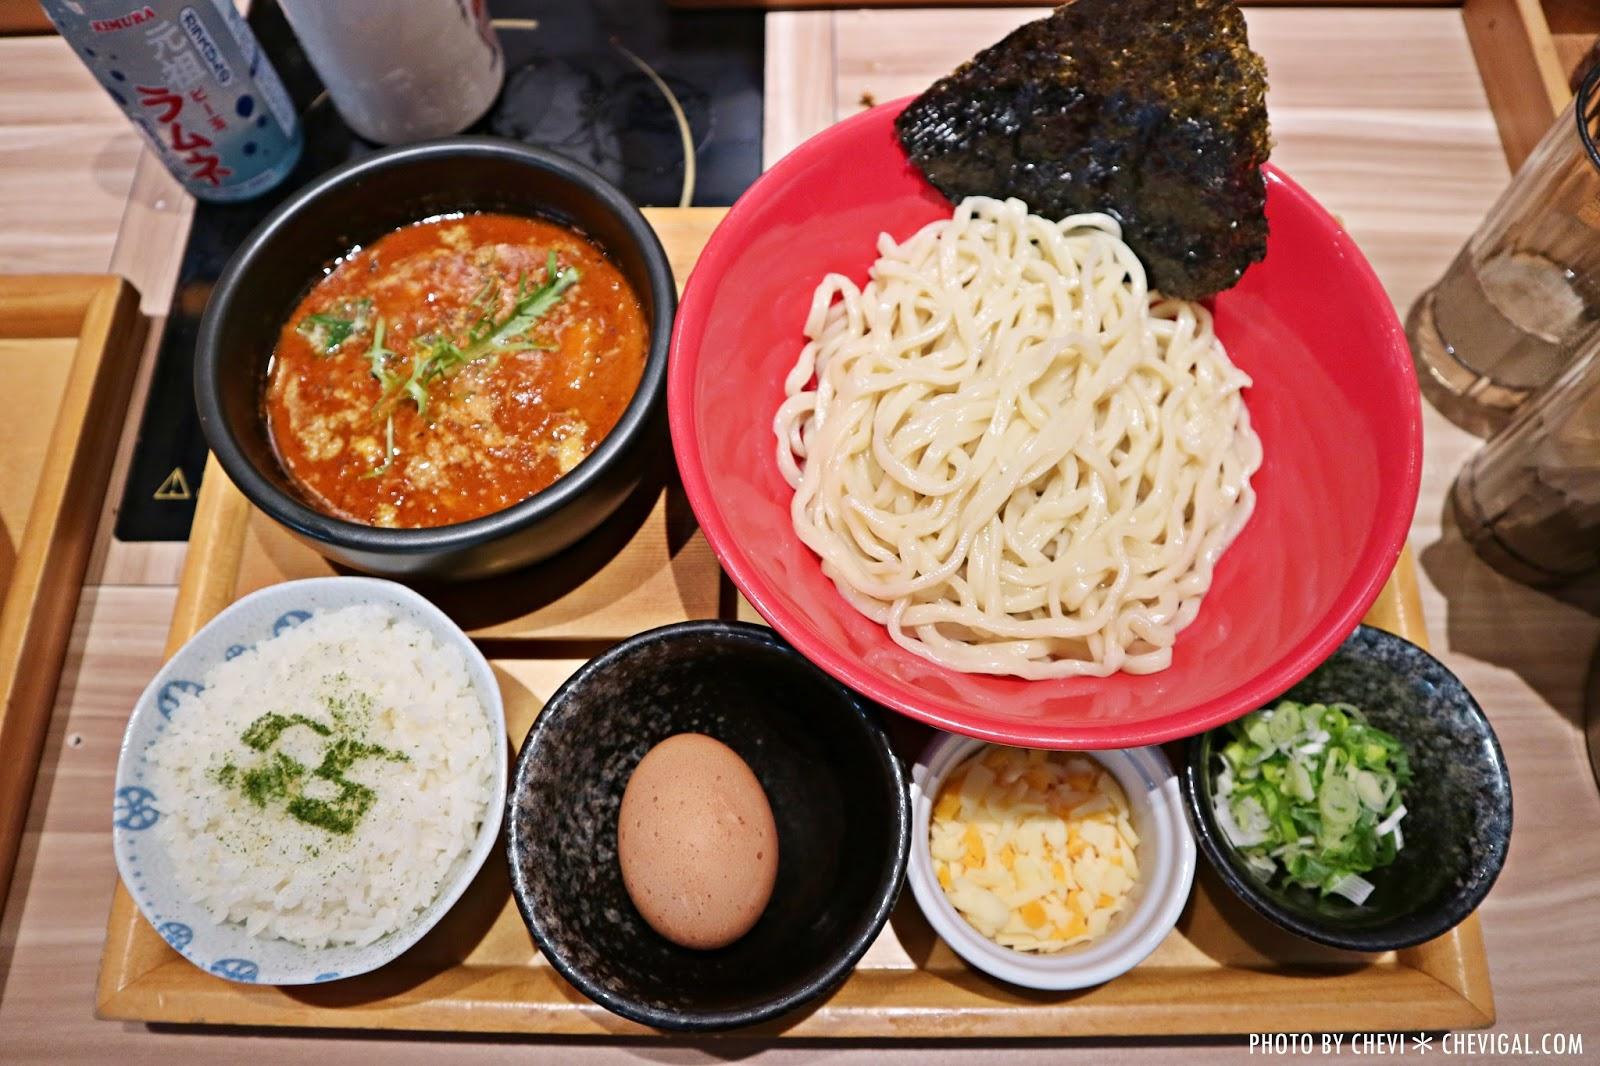 IMG 9784 - 熱血採訪│富士山55沾麵*富士山55周年感謝祭。澎派菜單全新登場。還有免費 Cold Stone冰淇淋請你吃